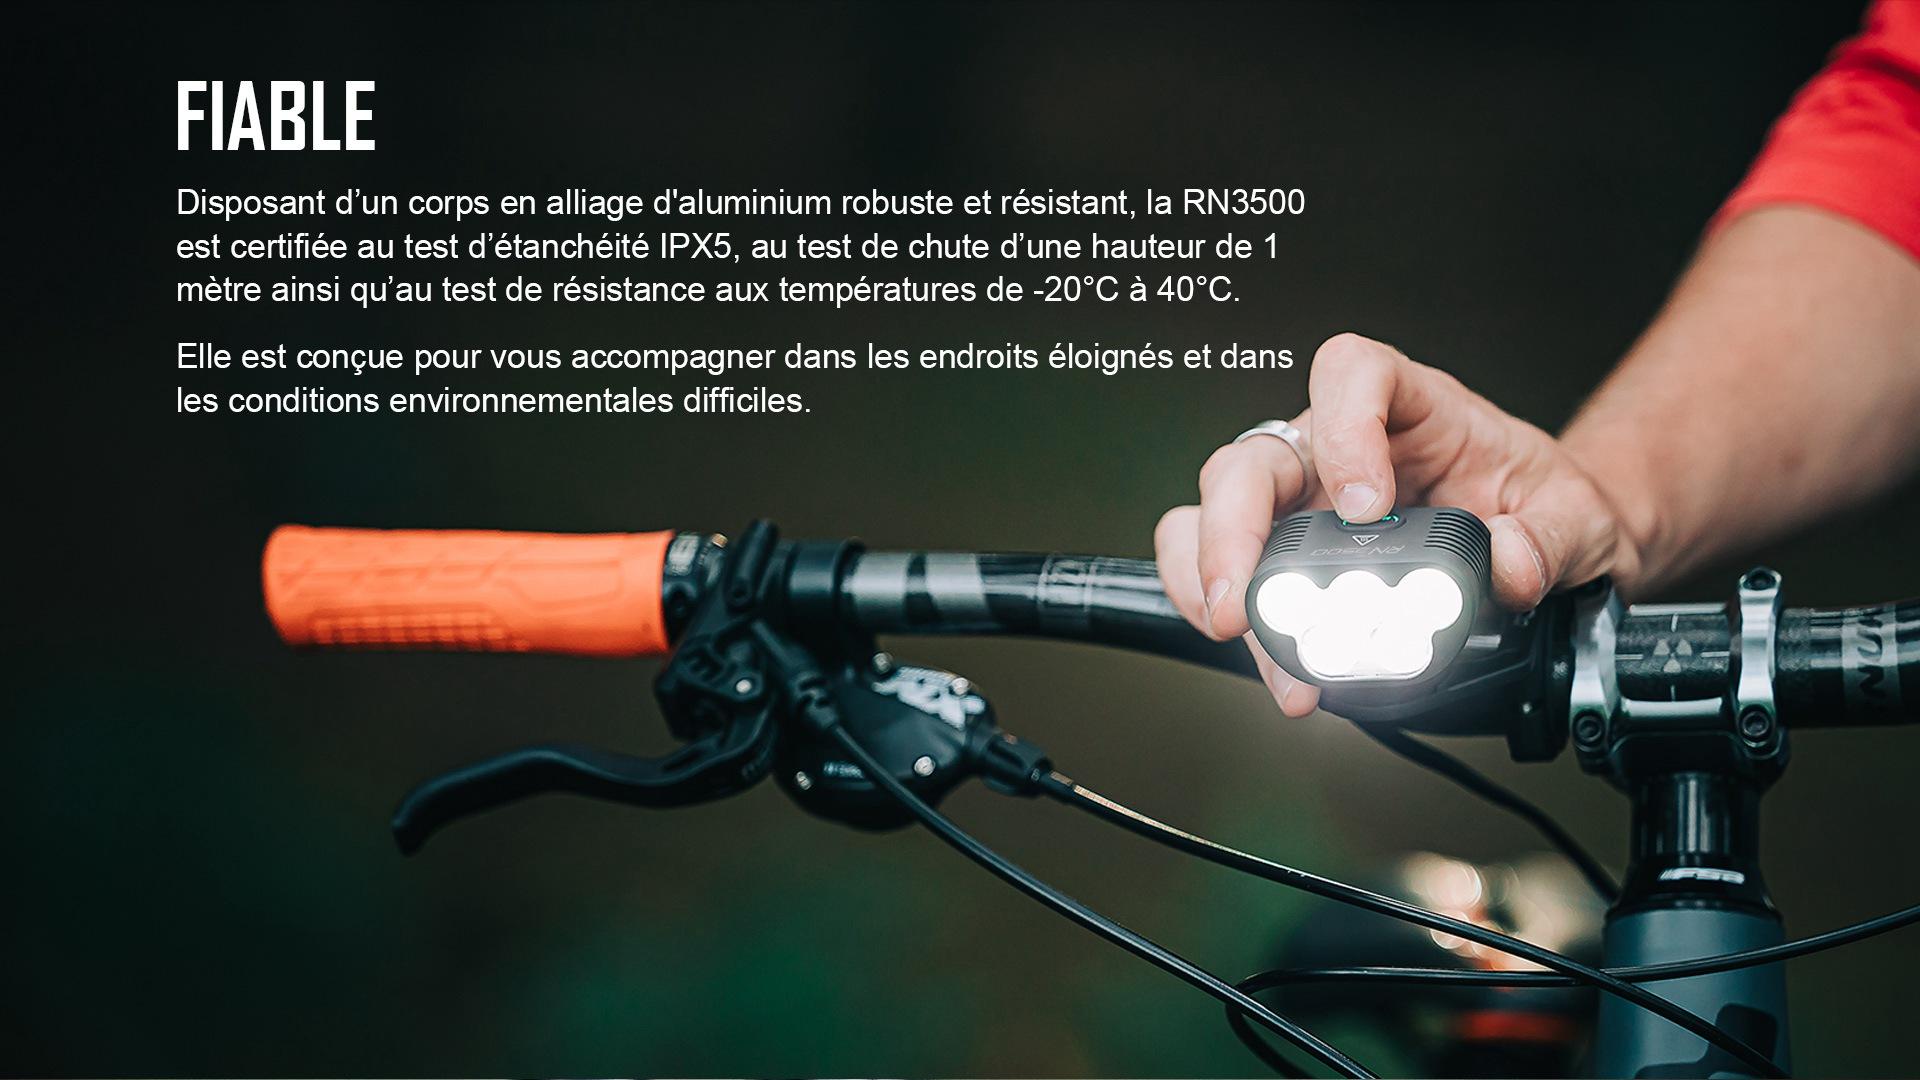 lampe led vélo robustes, durables et étanches IPX5